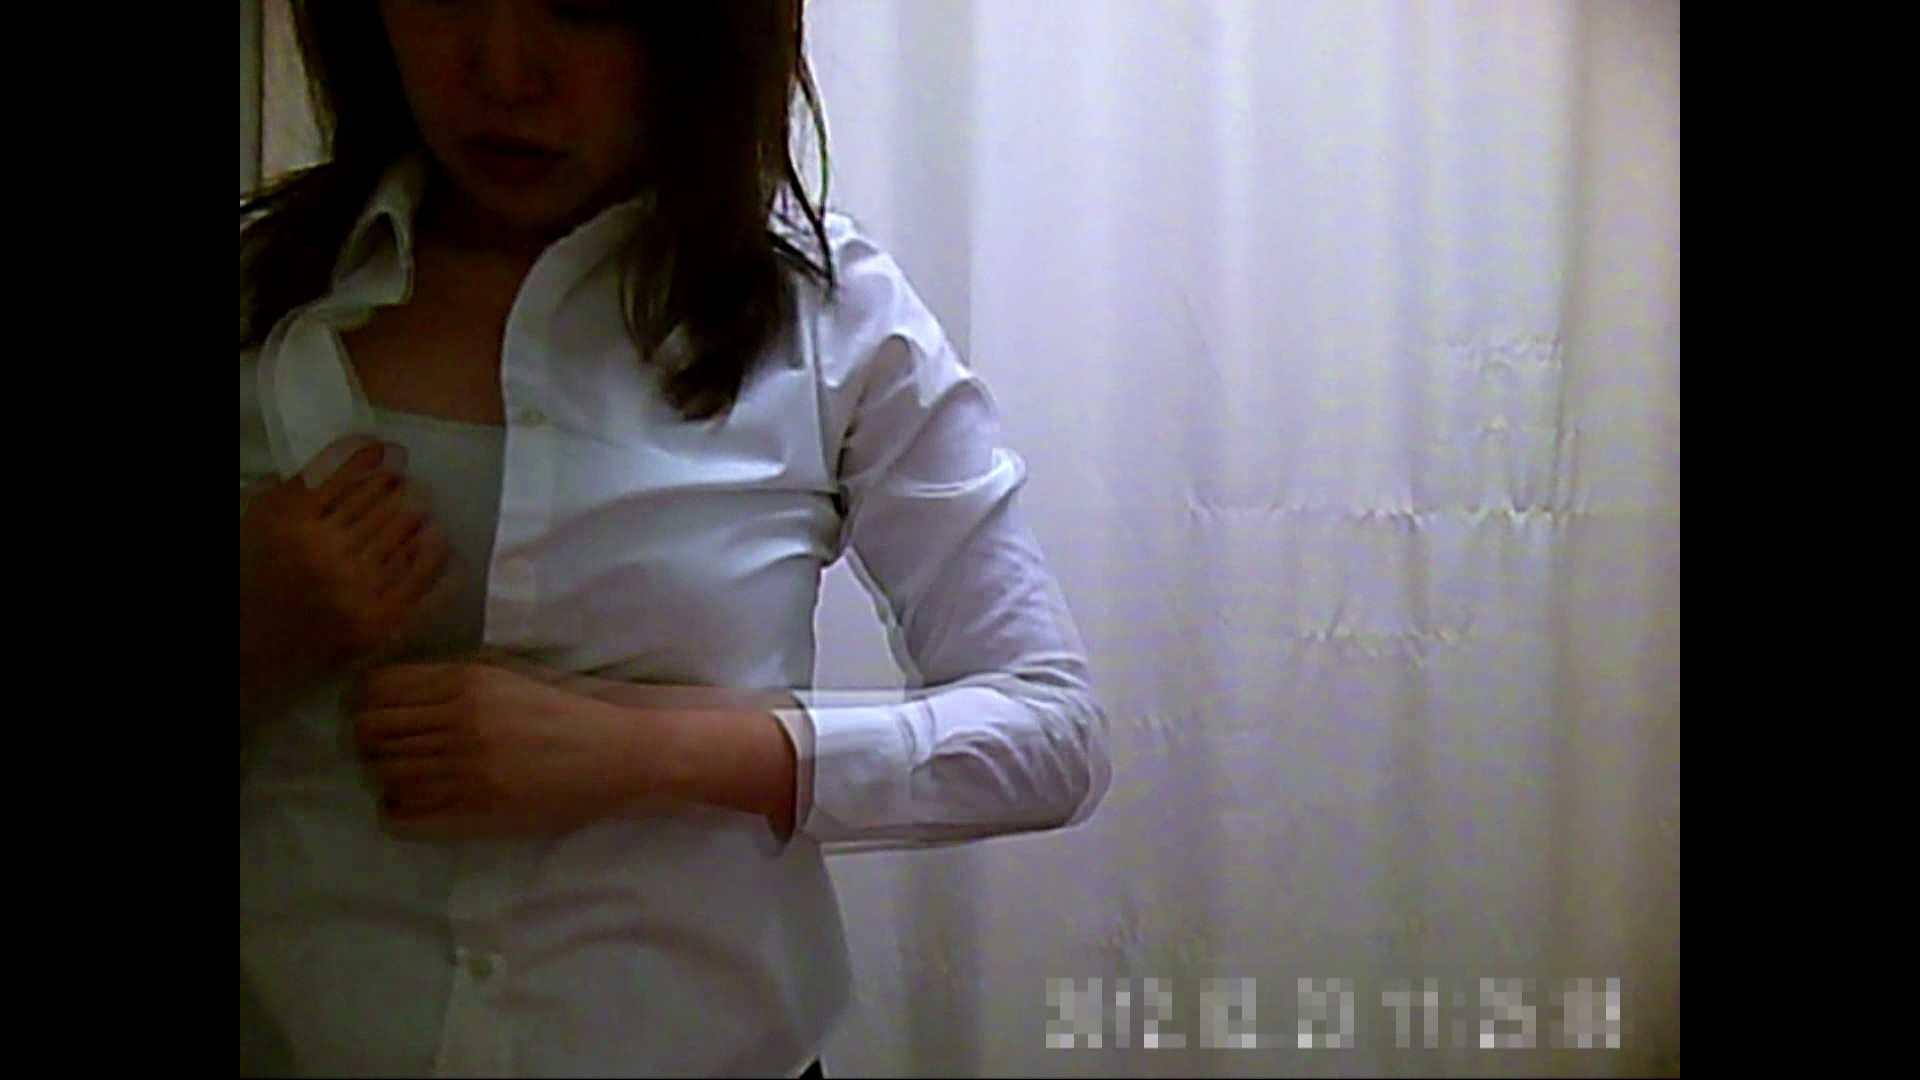 病院おもいっきり着替え! vol.261 貧乳 セックス画像 104pic 90